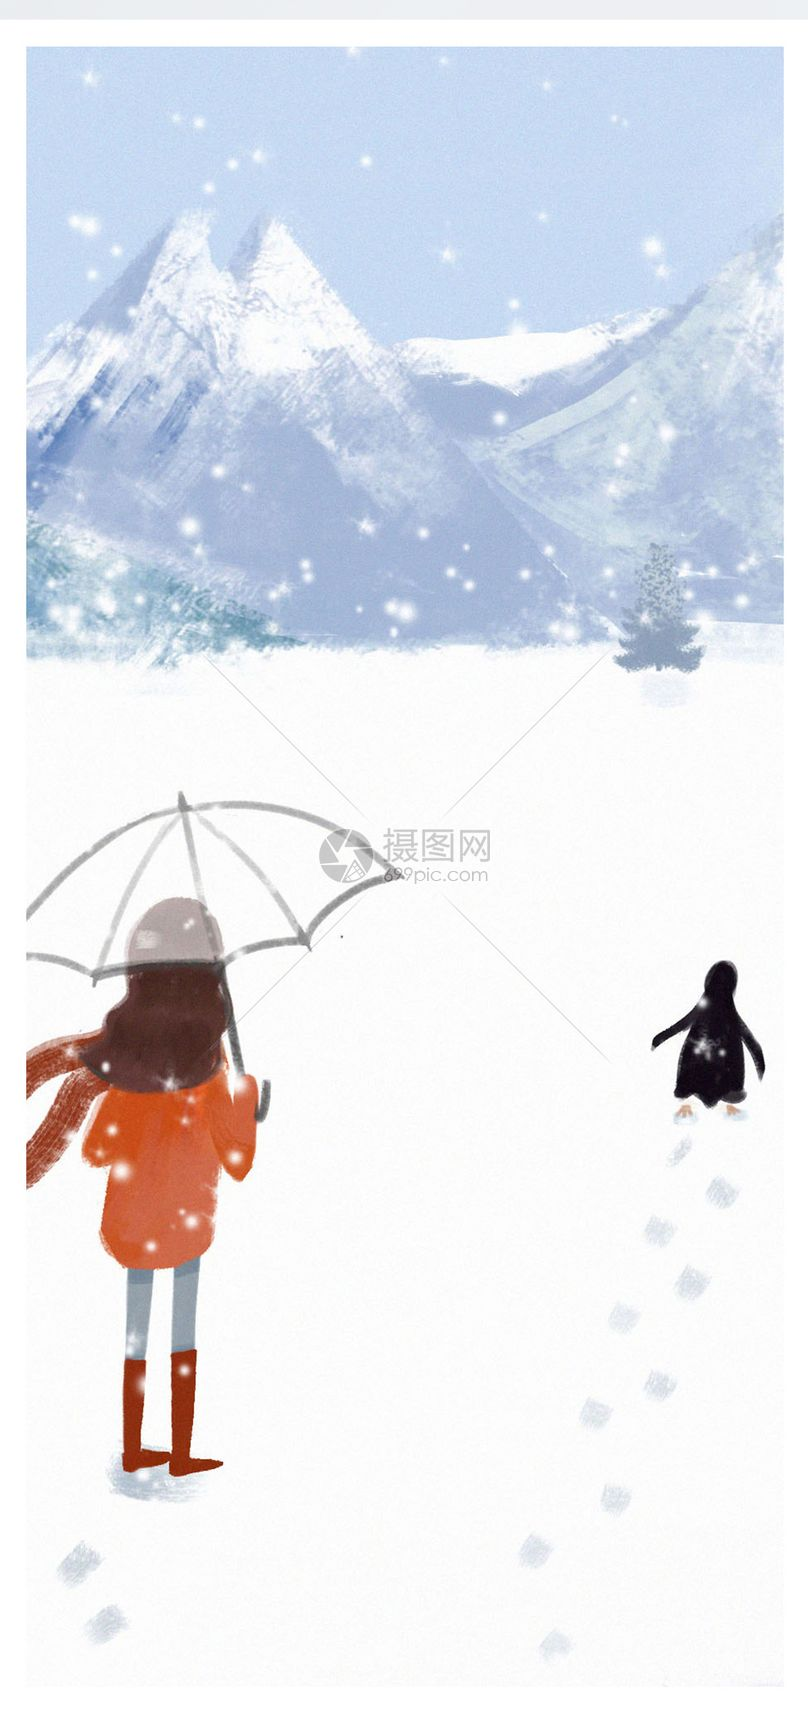 冬季插画手机壁纸图片